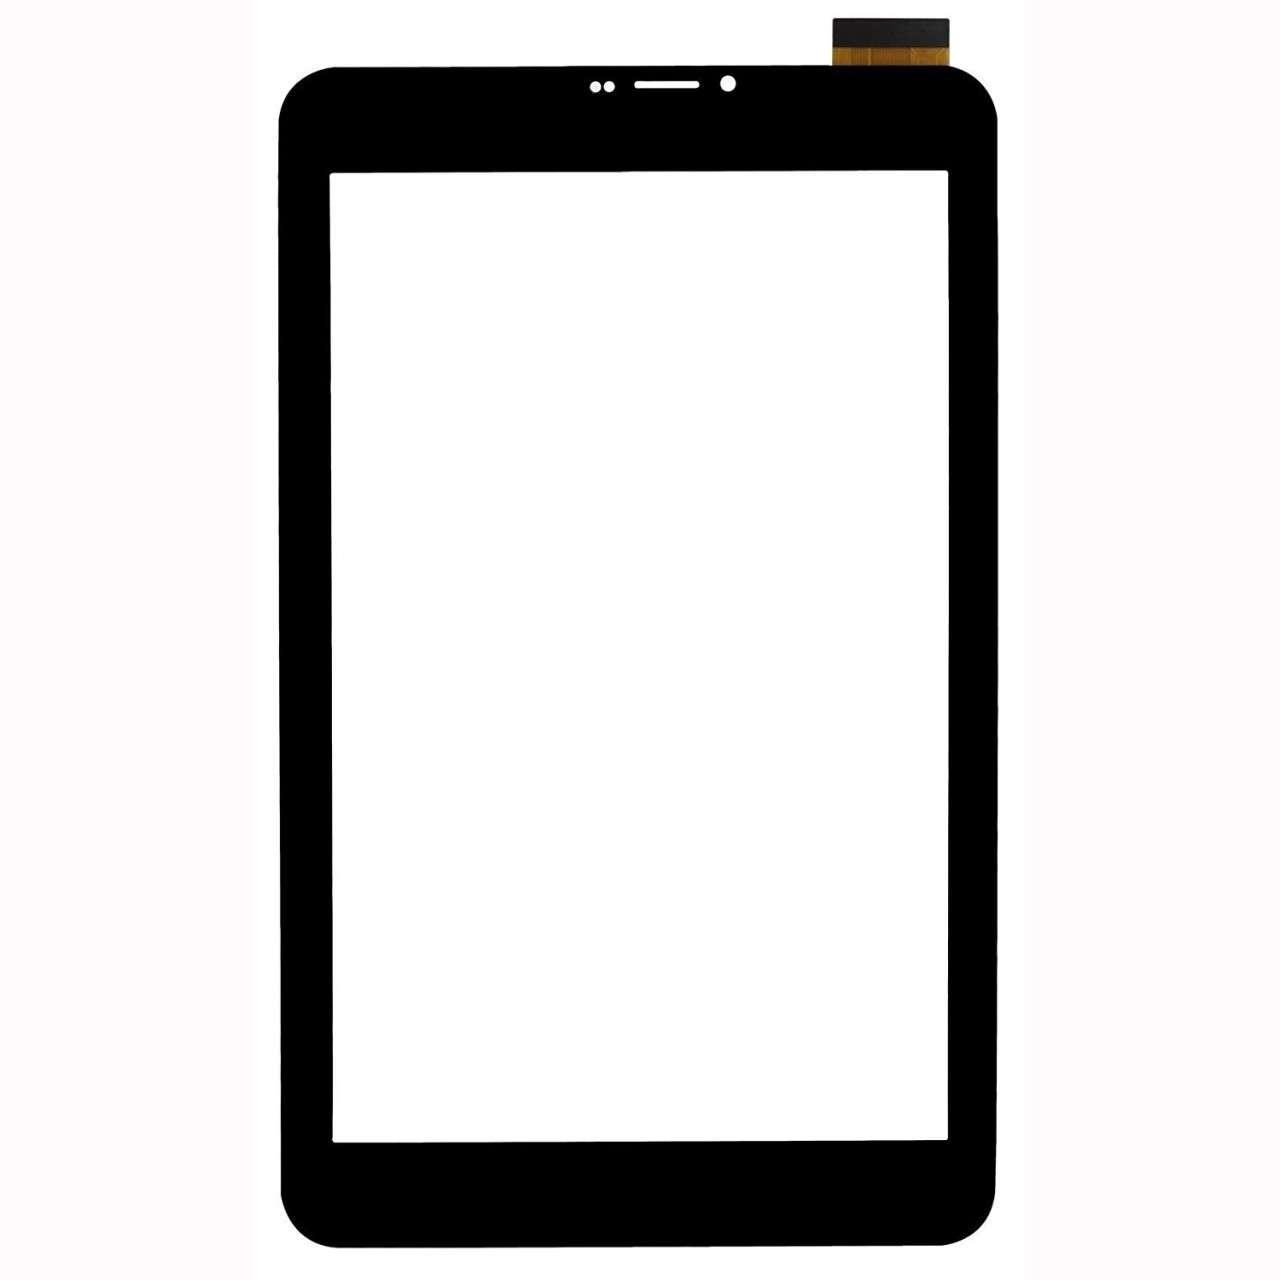 Touchscreen Digitizer Alldocube U27GT S Geam Sticla Tableta imagine powerlaptop.ro 2021